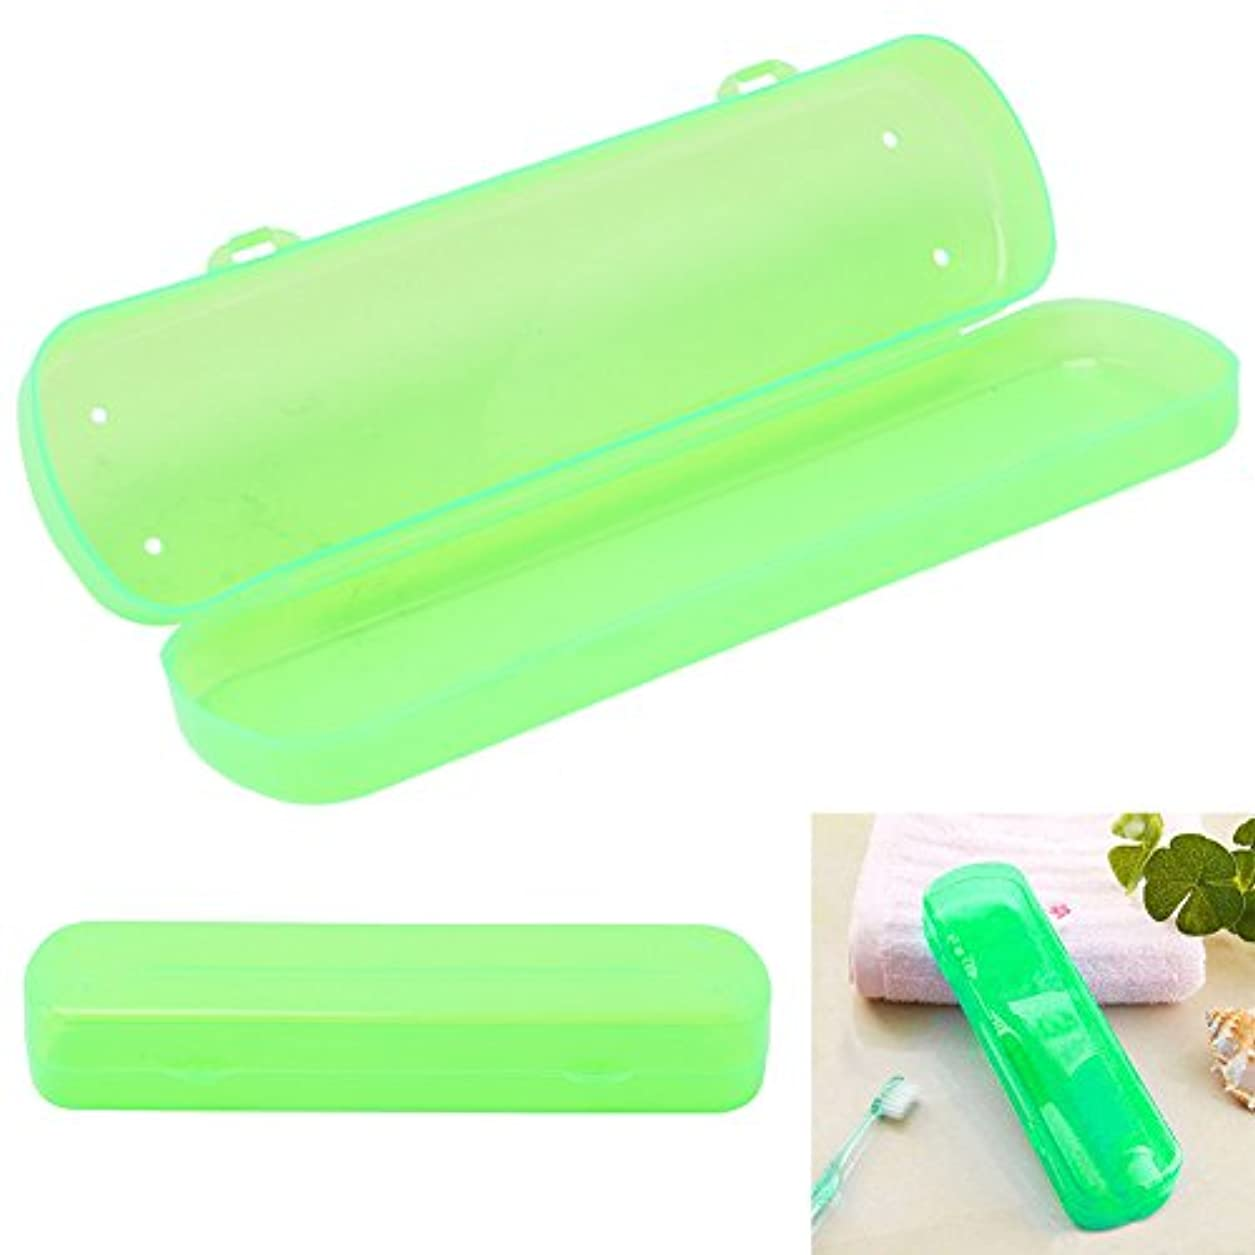 揺れる散歩に行く参加者Merssavo プラスチック製歯ブラシケース/旅行用ホルダー(グリーン)